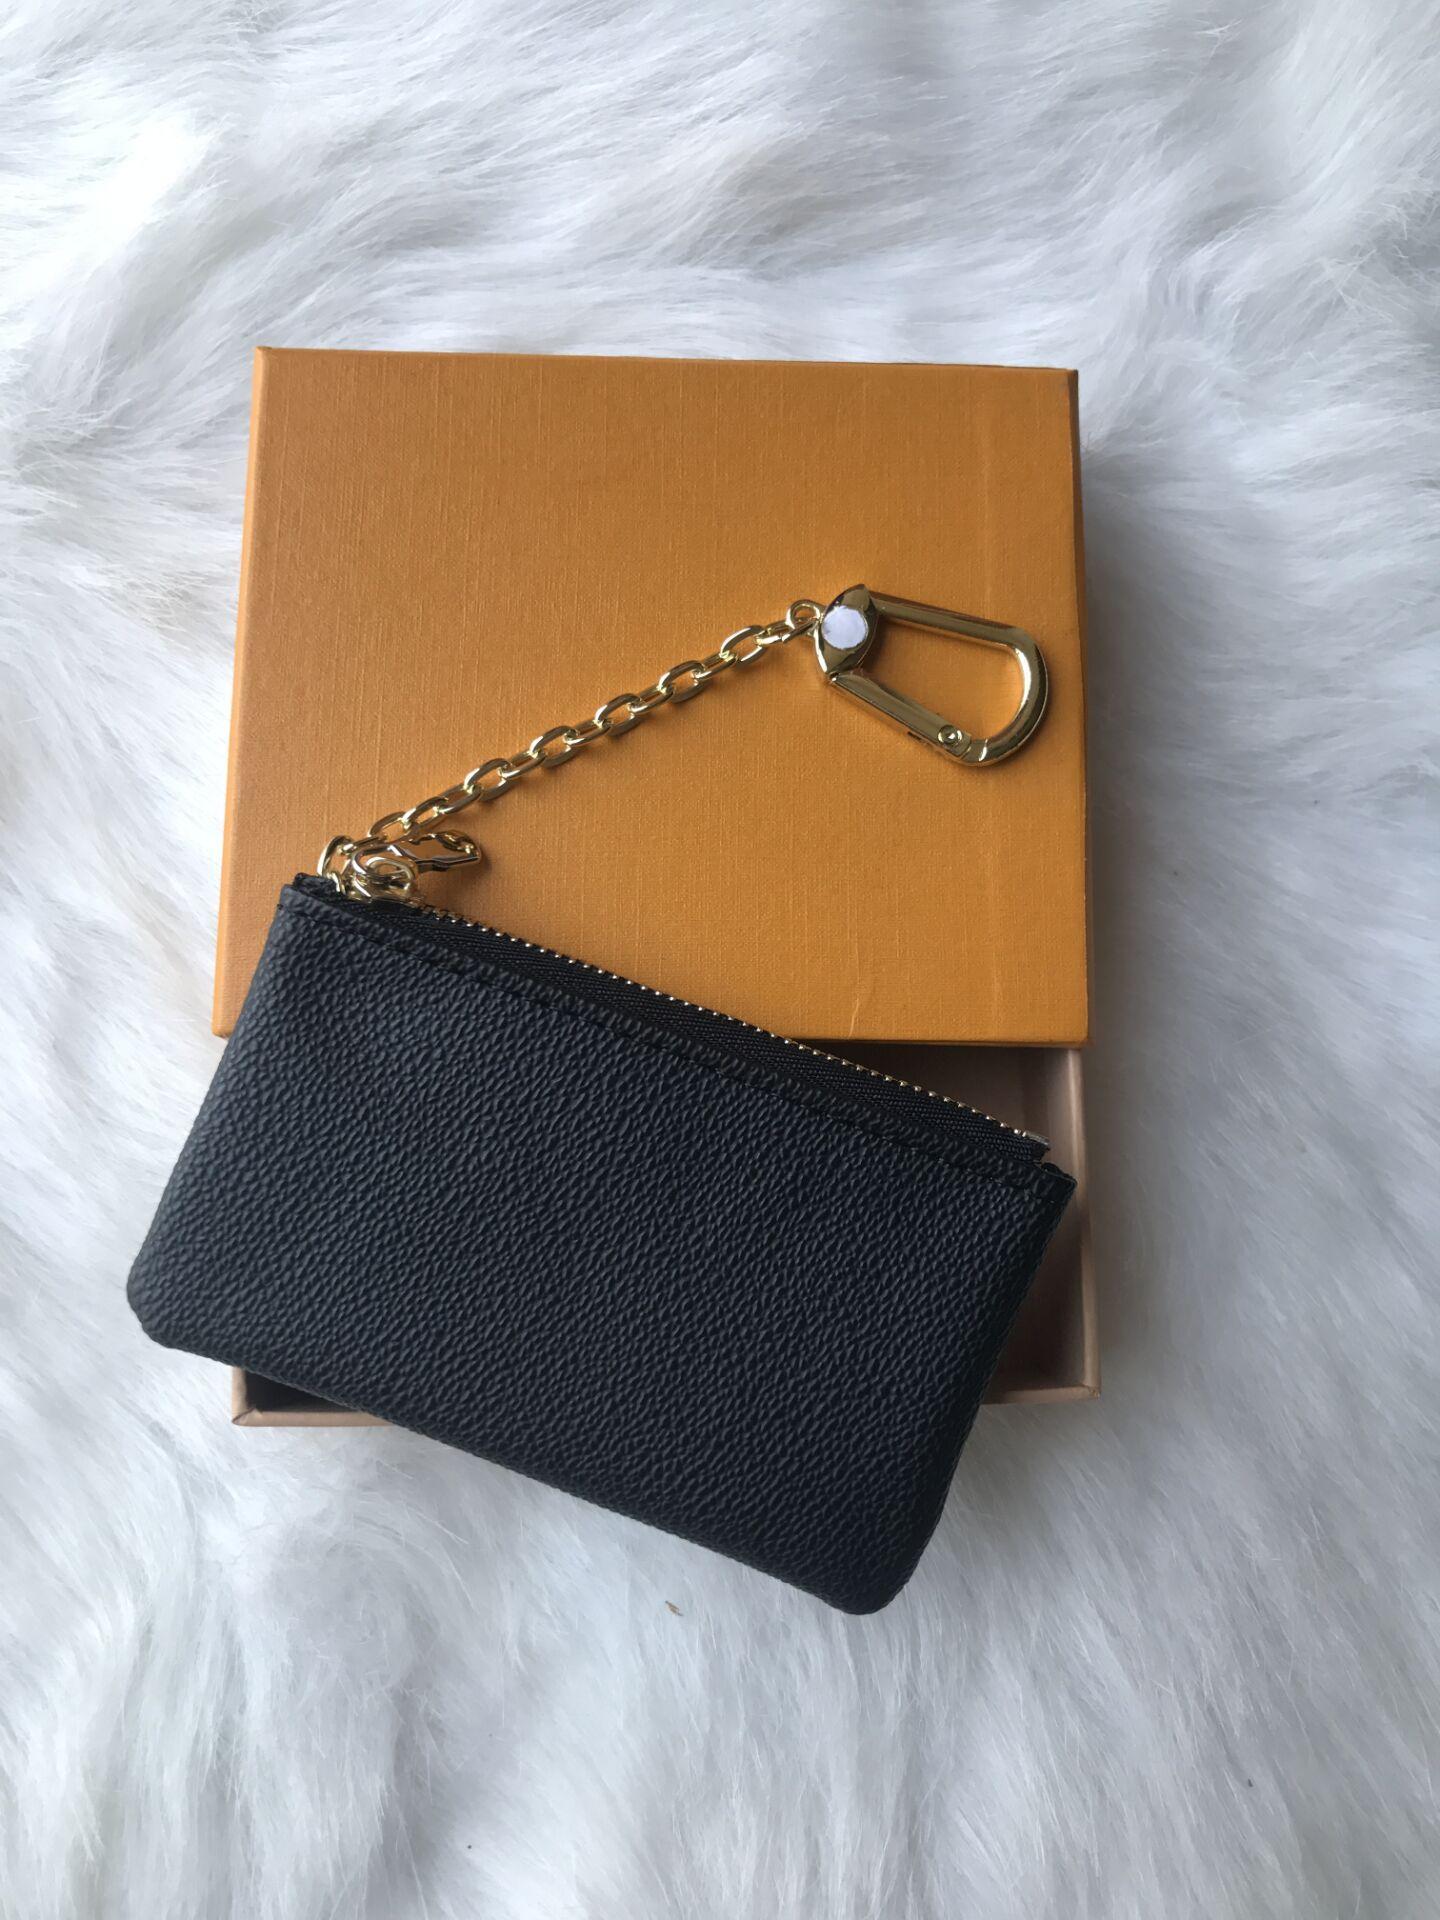 С Logo Perfect Match Brand Wallet Мужская и женская мода мода Уолковидная кошелек мини-нулевой кошелек кожаный почтовый карман